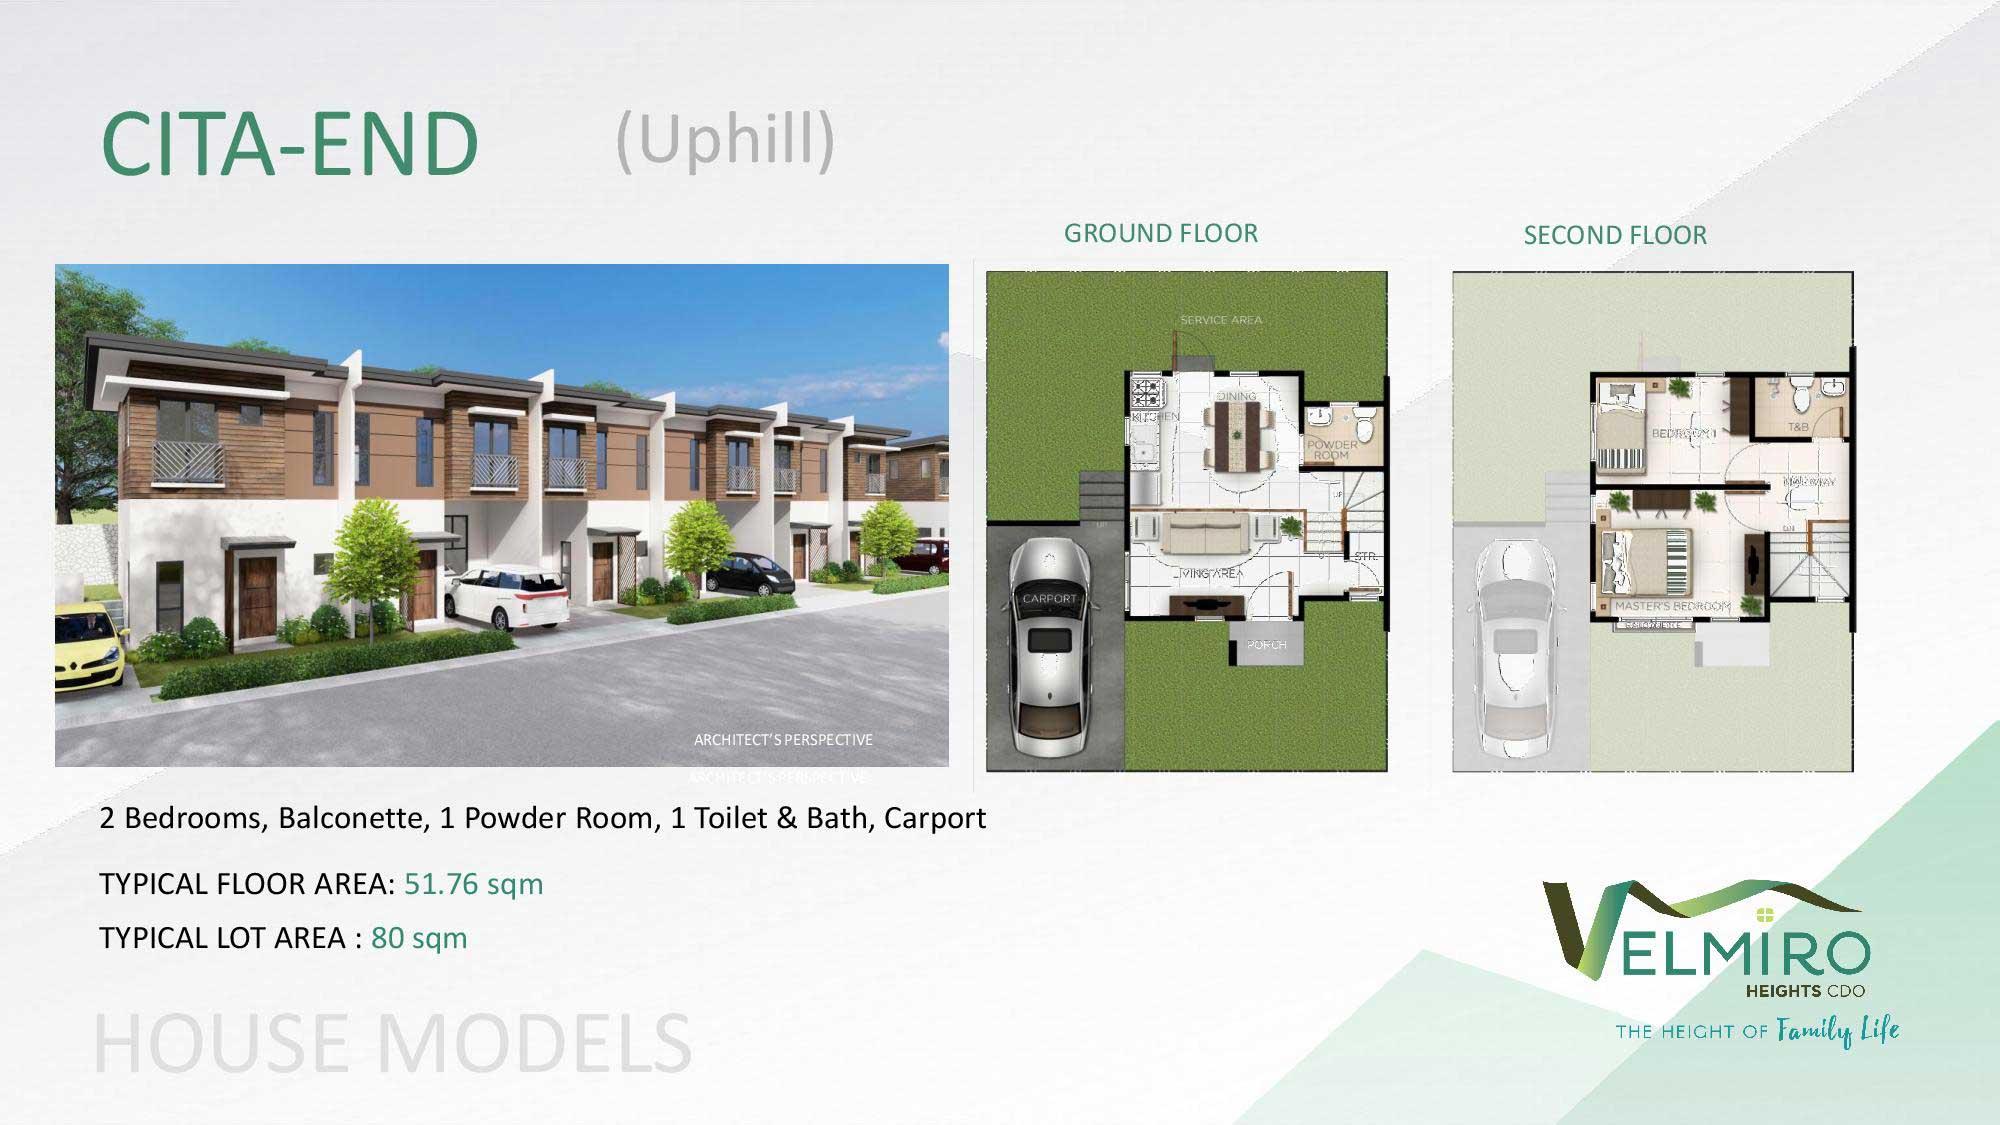 Velmiro heights agusan house model cita end uphill web gmc